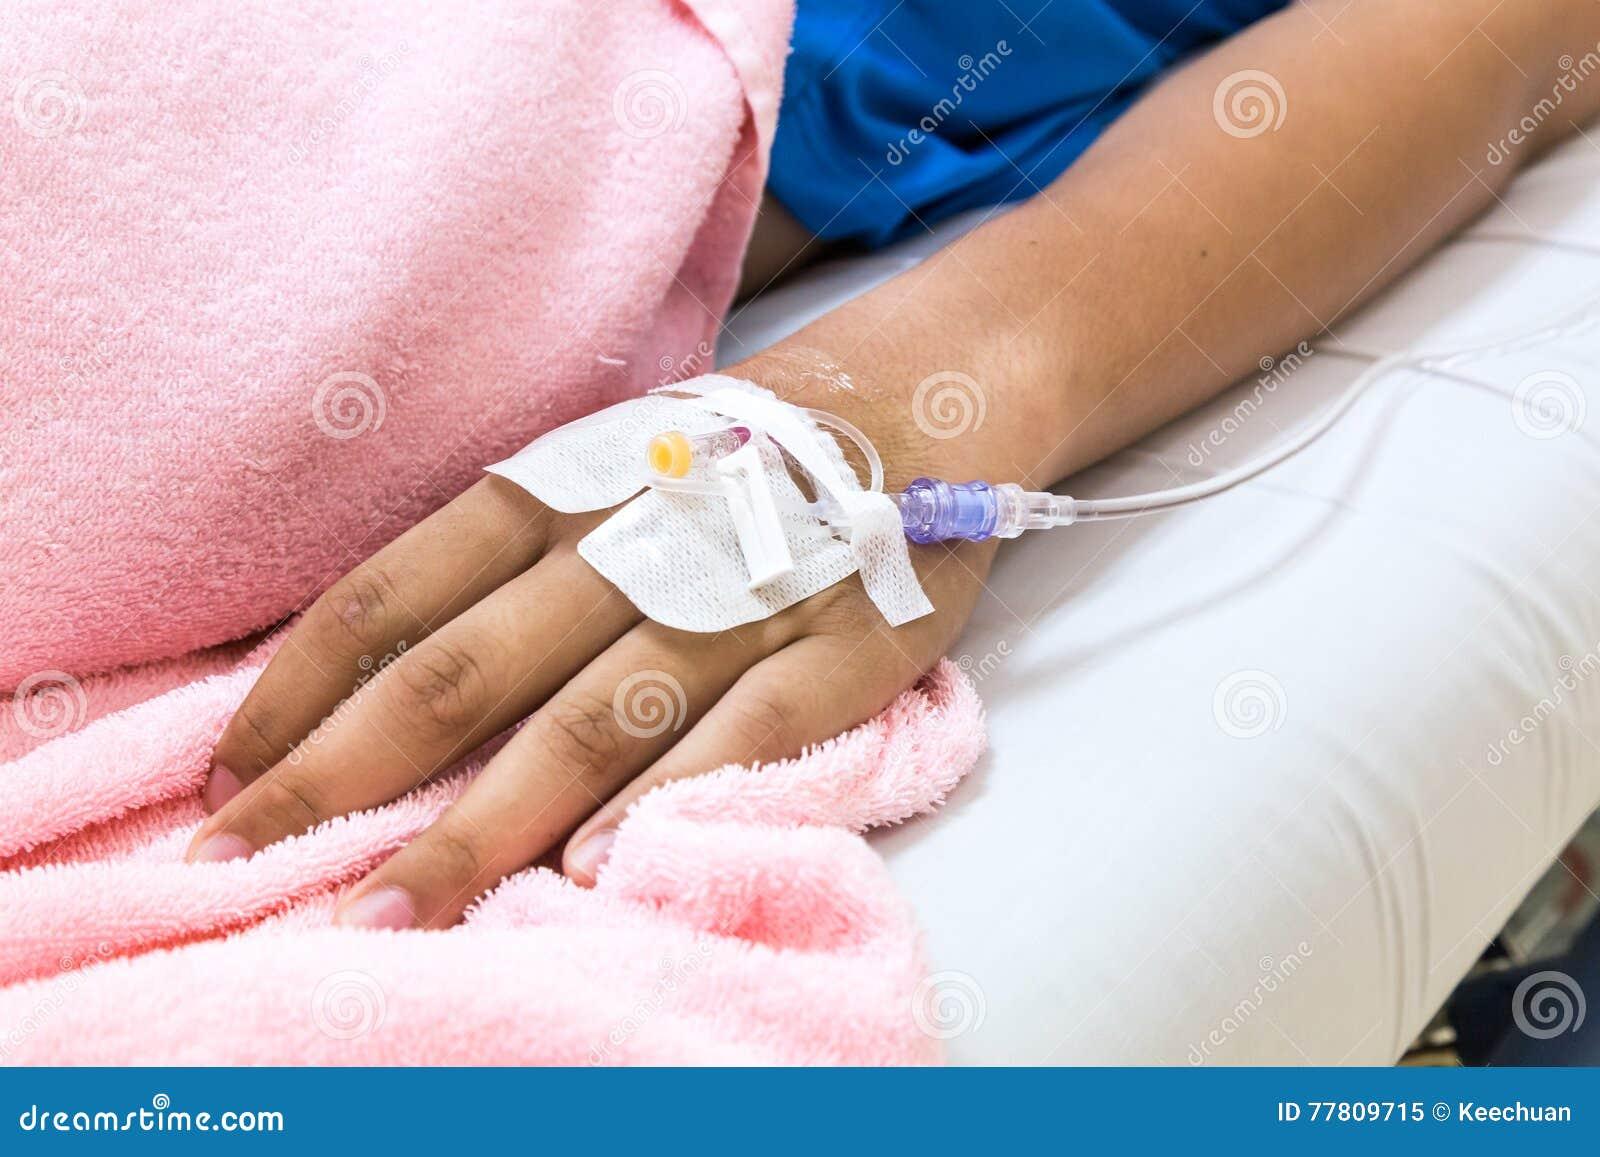 geduldige hand im krankenhaus mit salzigem intravenous iv stockbild bild von patient hand. Black Bedroom Furniture Sets. Home Design Ideas